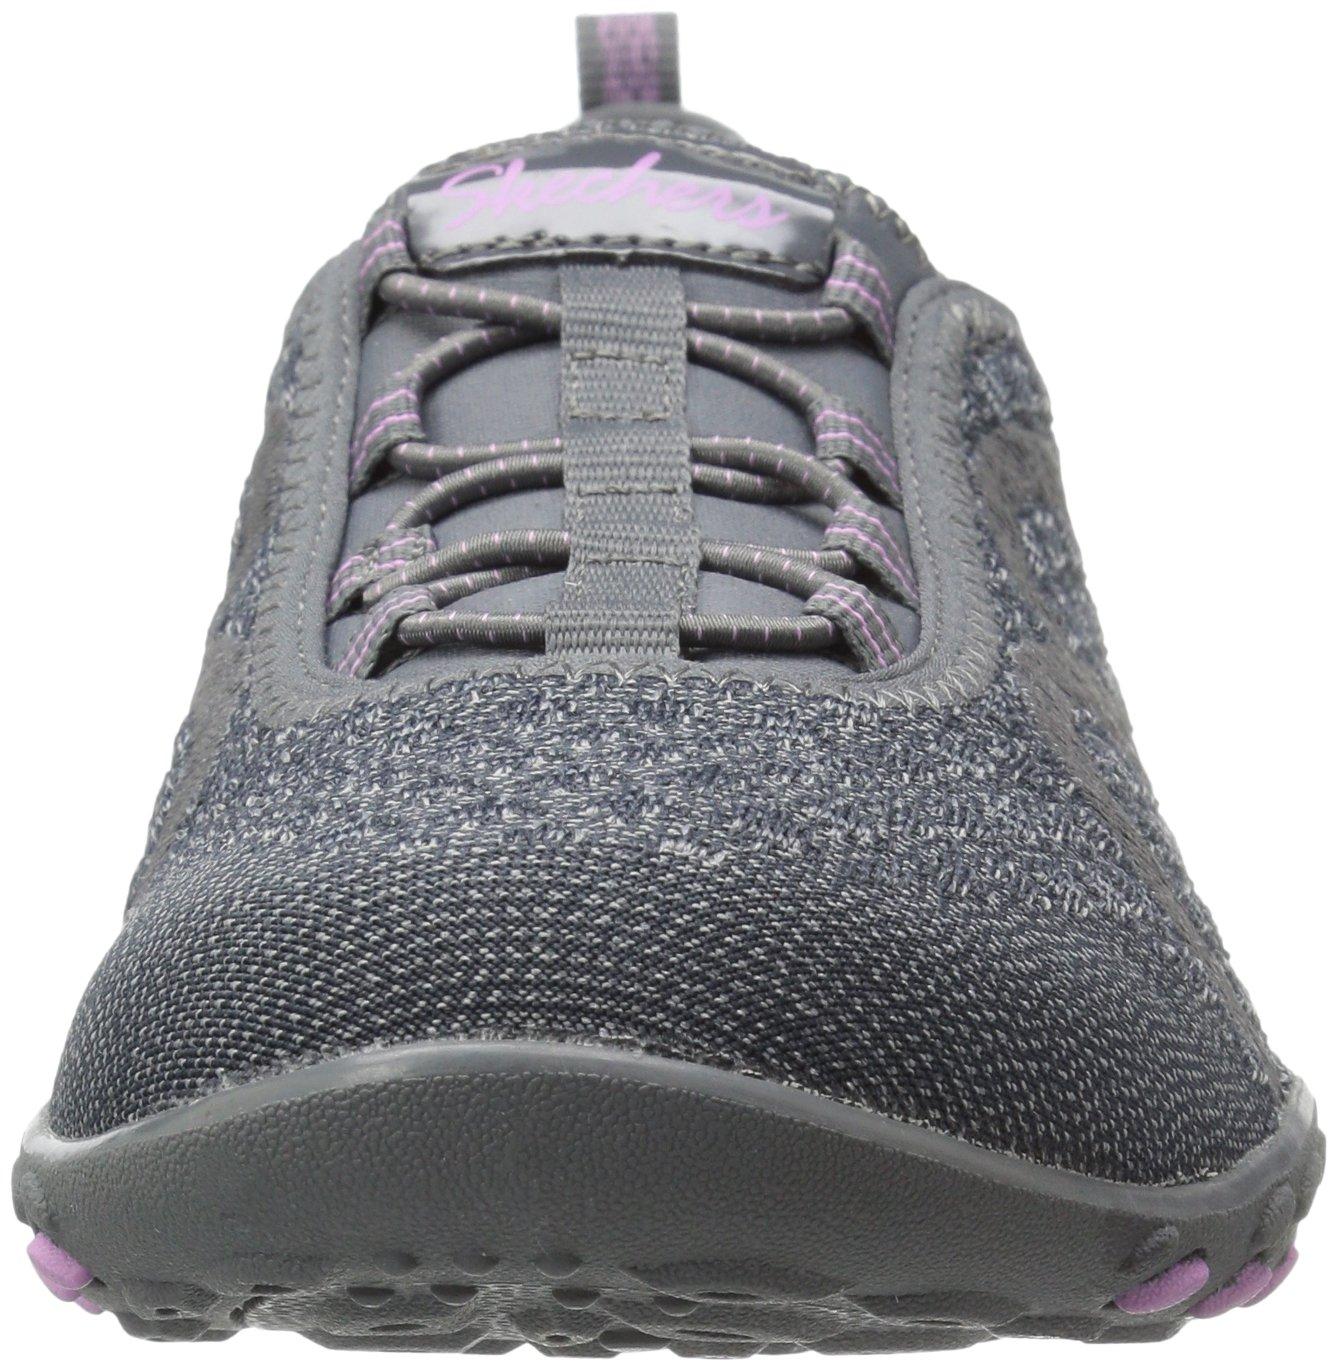 Skechers Sport Women's Breathe Easy Fortune Fashion Sneaker,Charcoal Knit,5 M US by Skechers (Image #4)